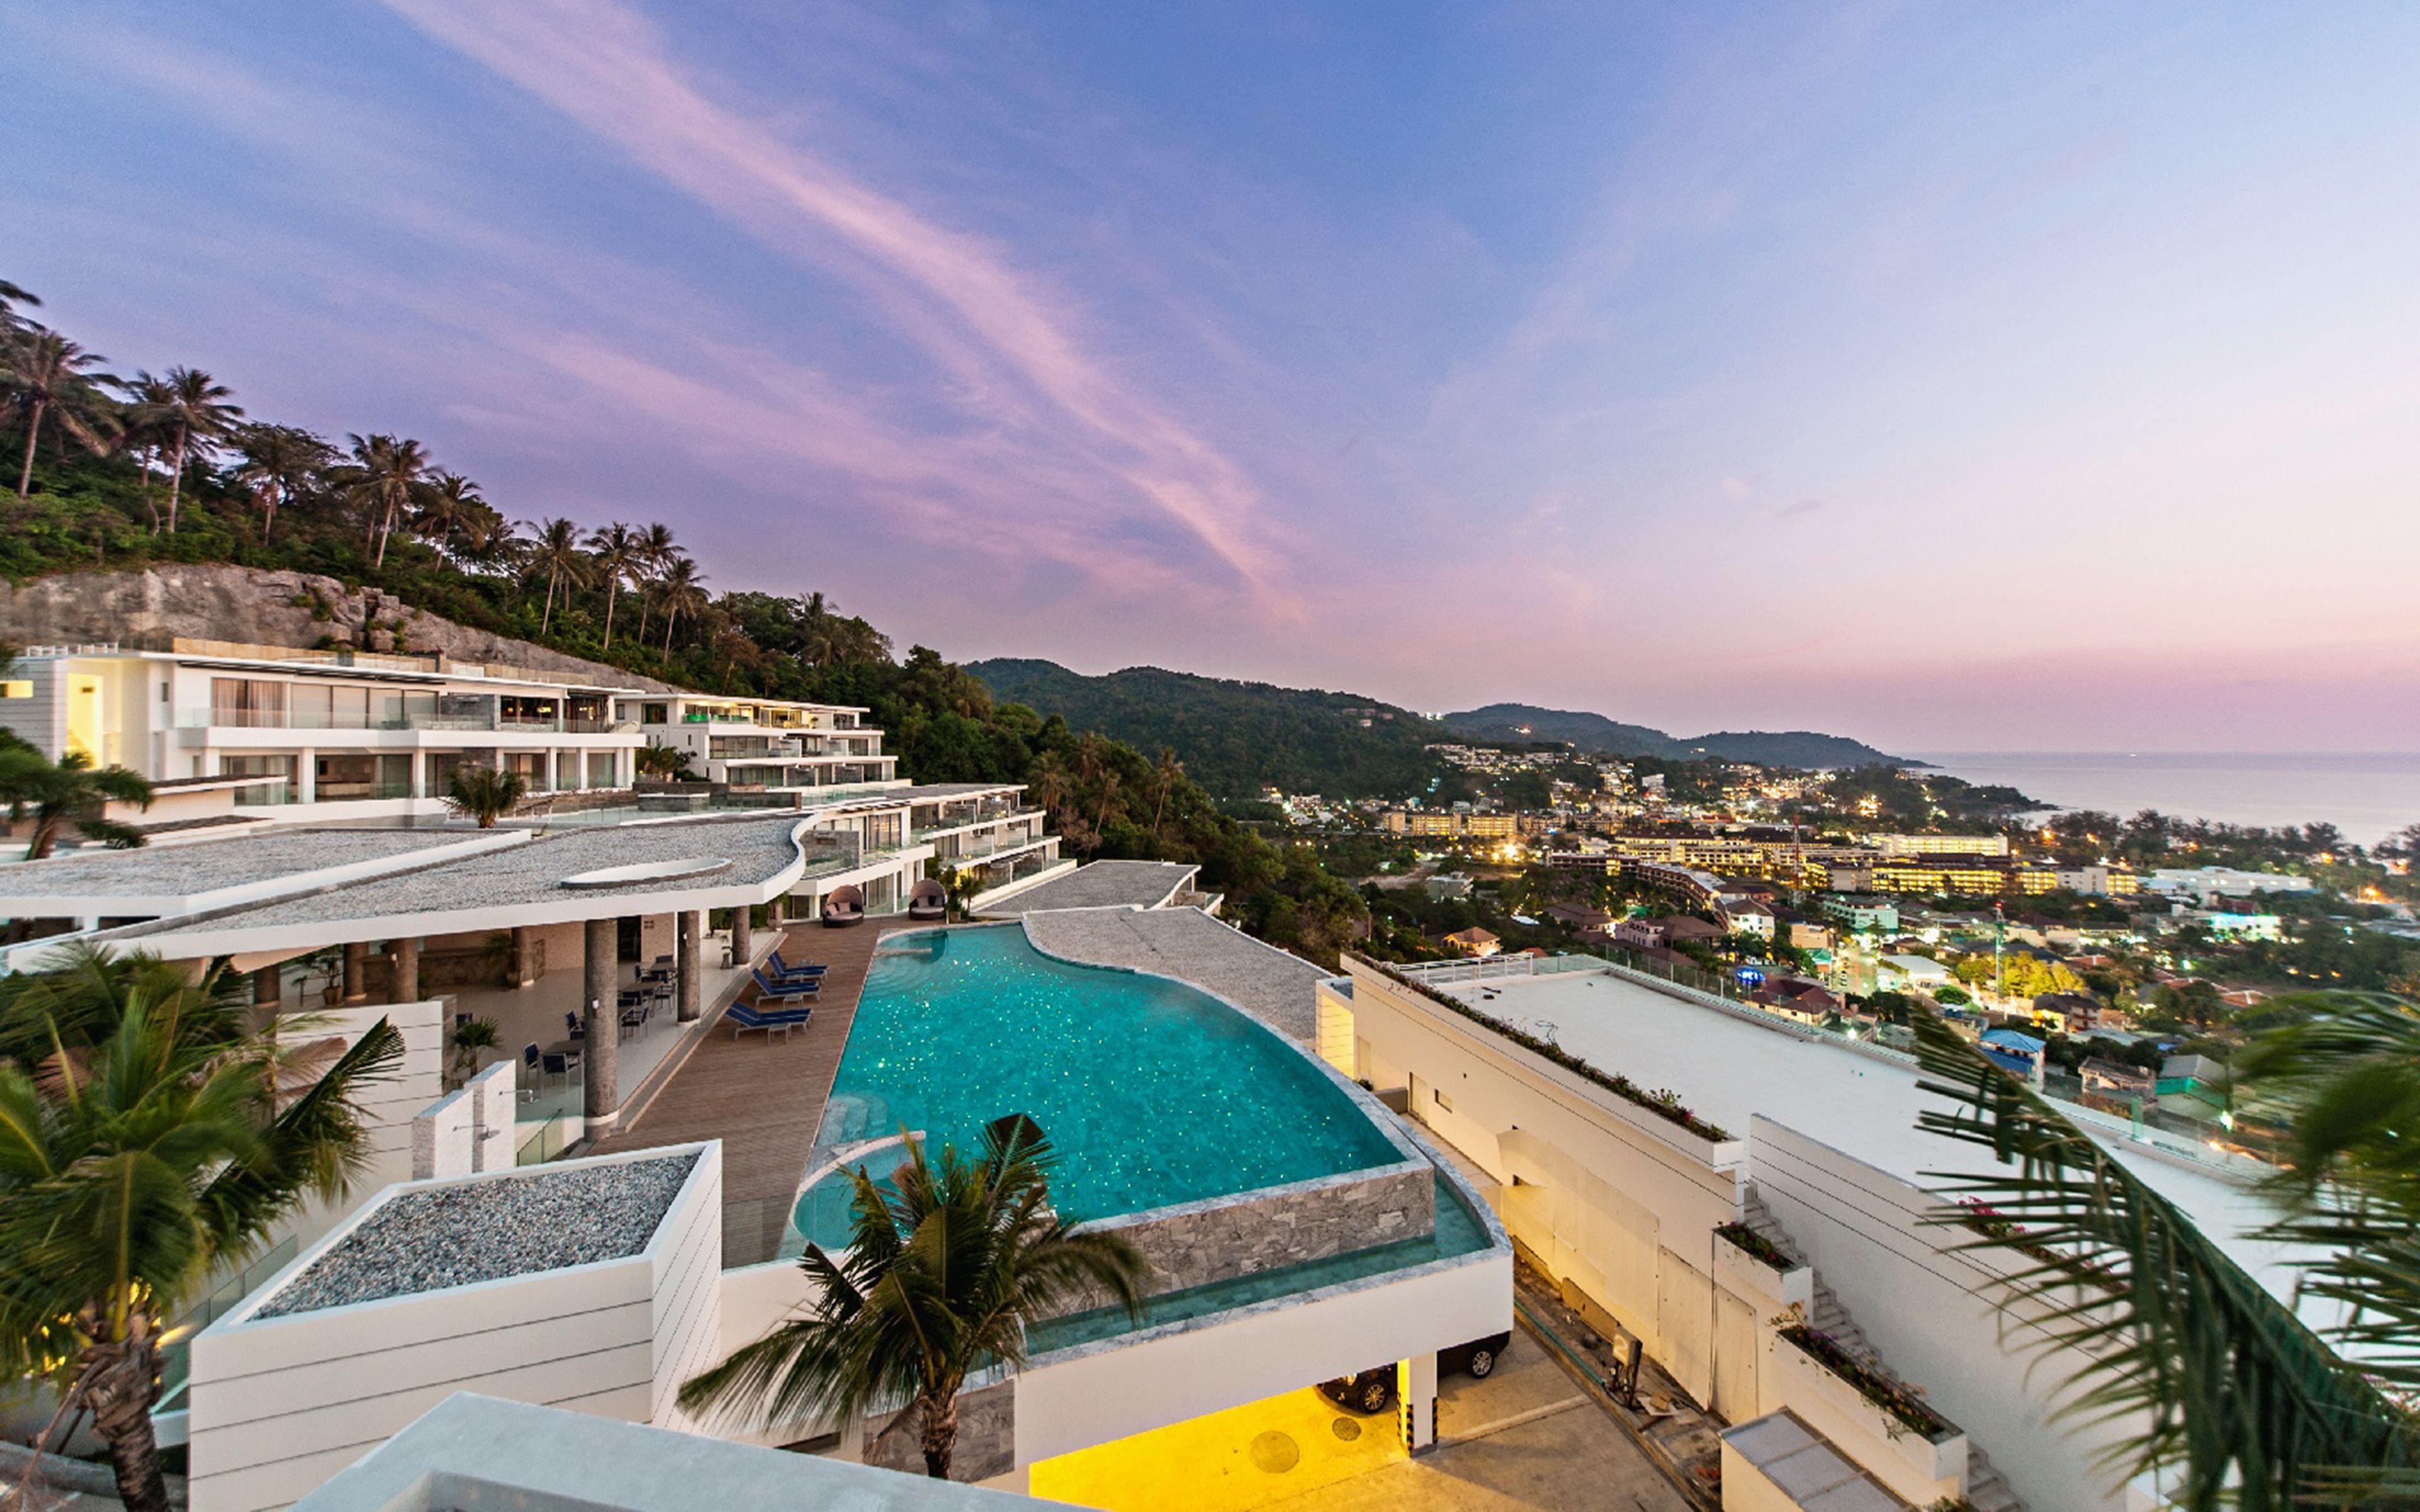 The View Phuket